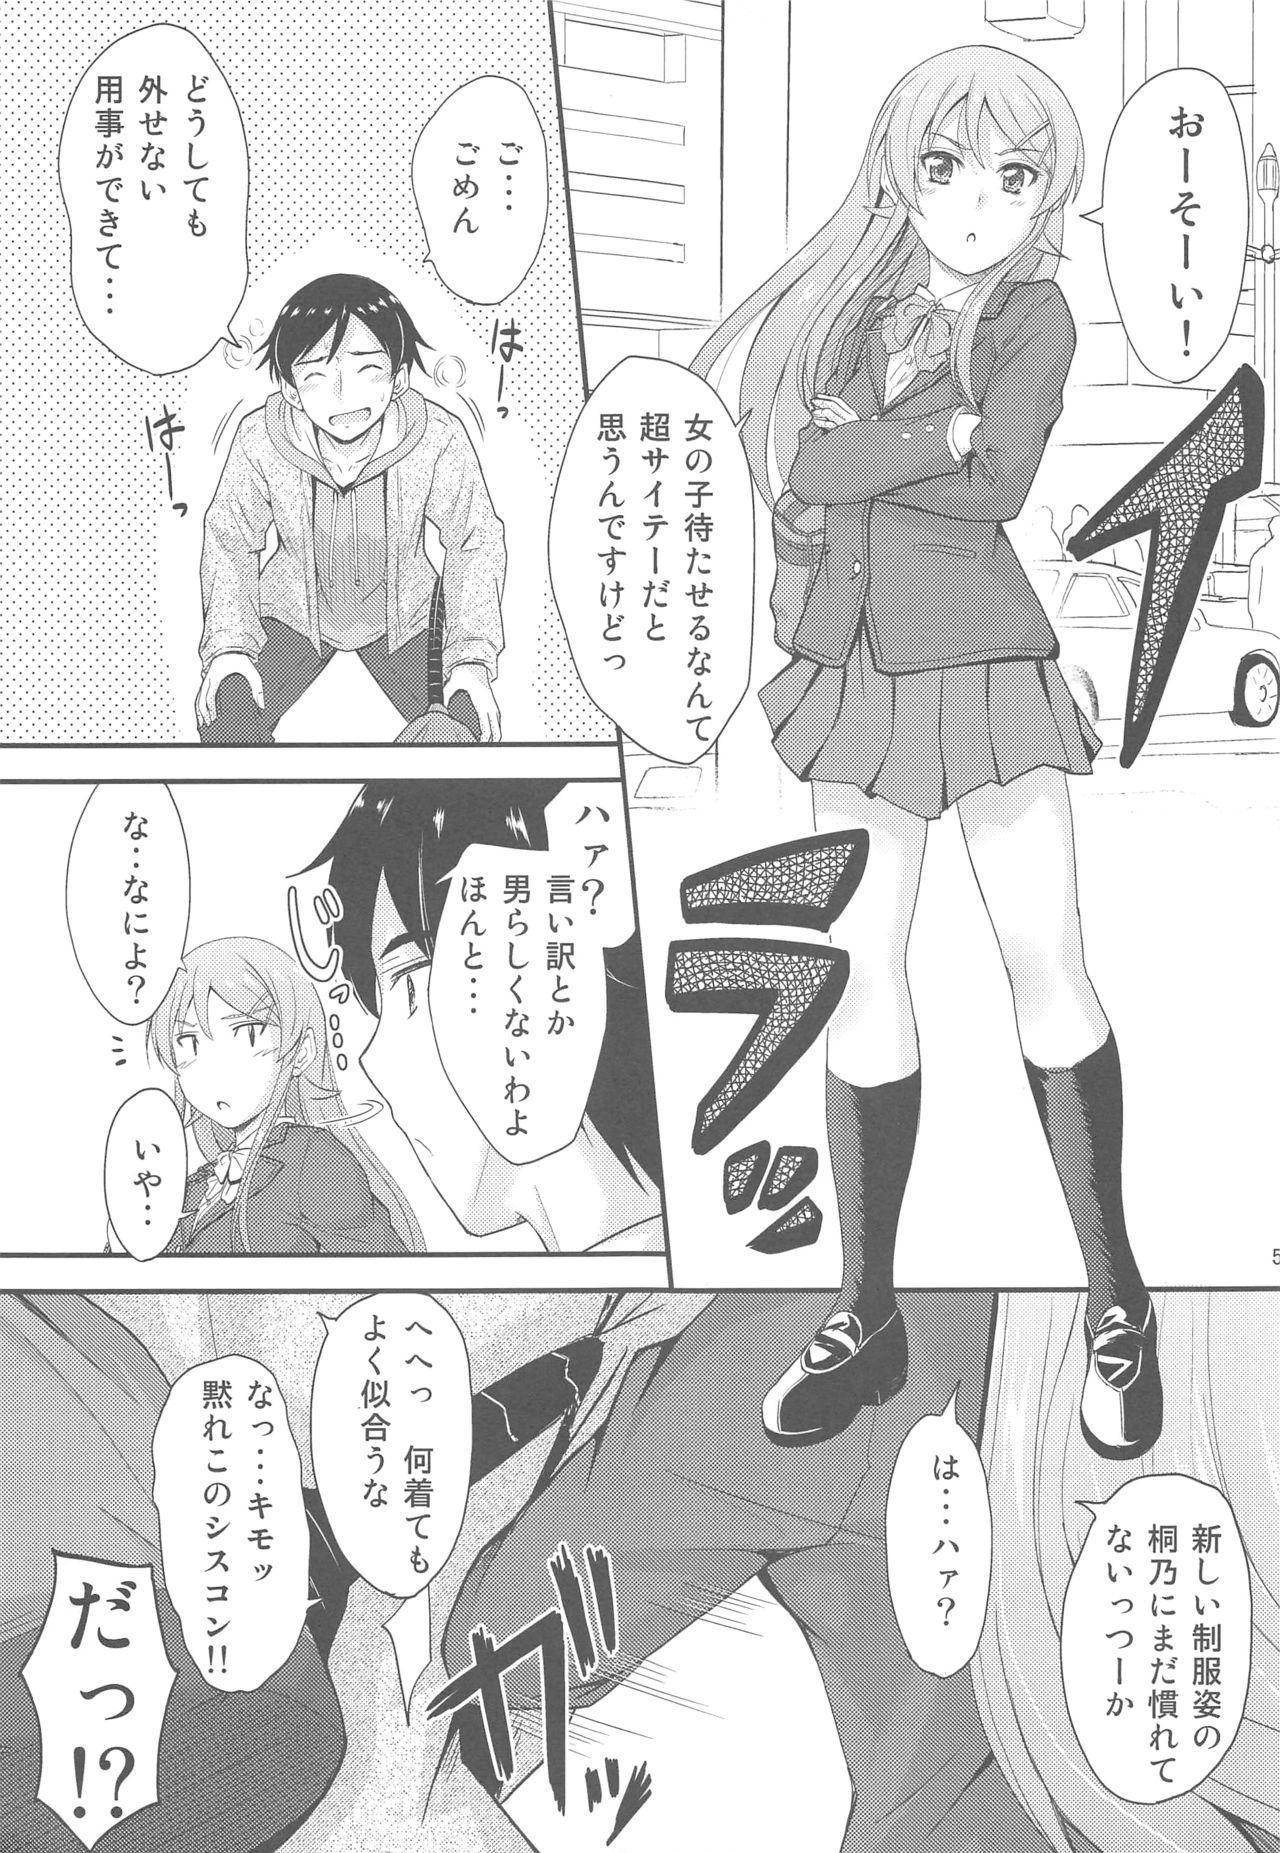 Fuku o Shinchou Suru Tabi ni Aniki ga Koufun Shitekite Chou Uzain desu kedo? 3